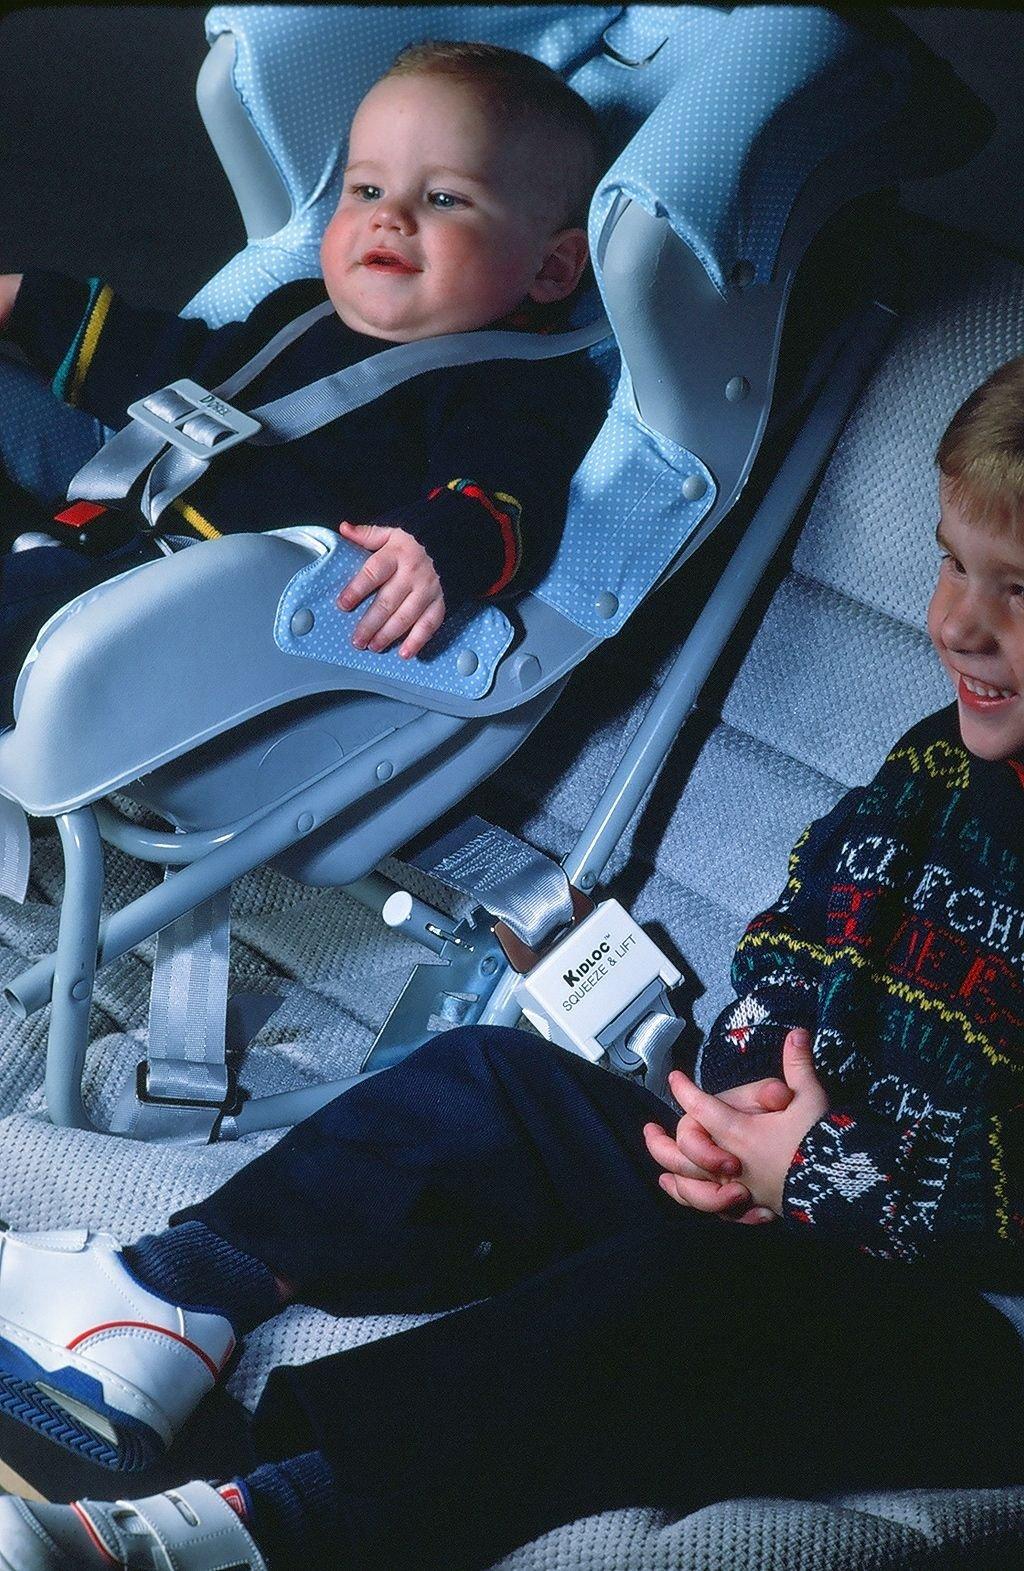 KIDGARD Seat Belt Guard 2/pak by KIDGARD Juvenile Products